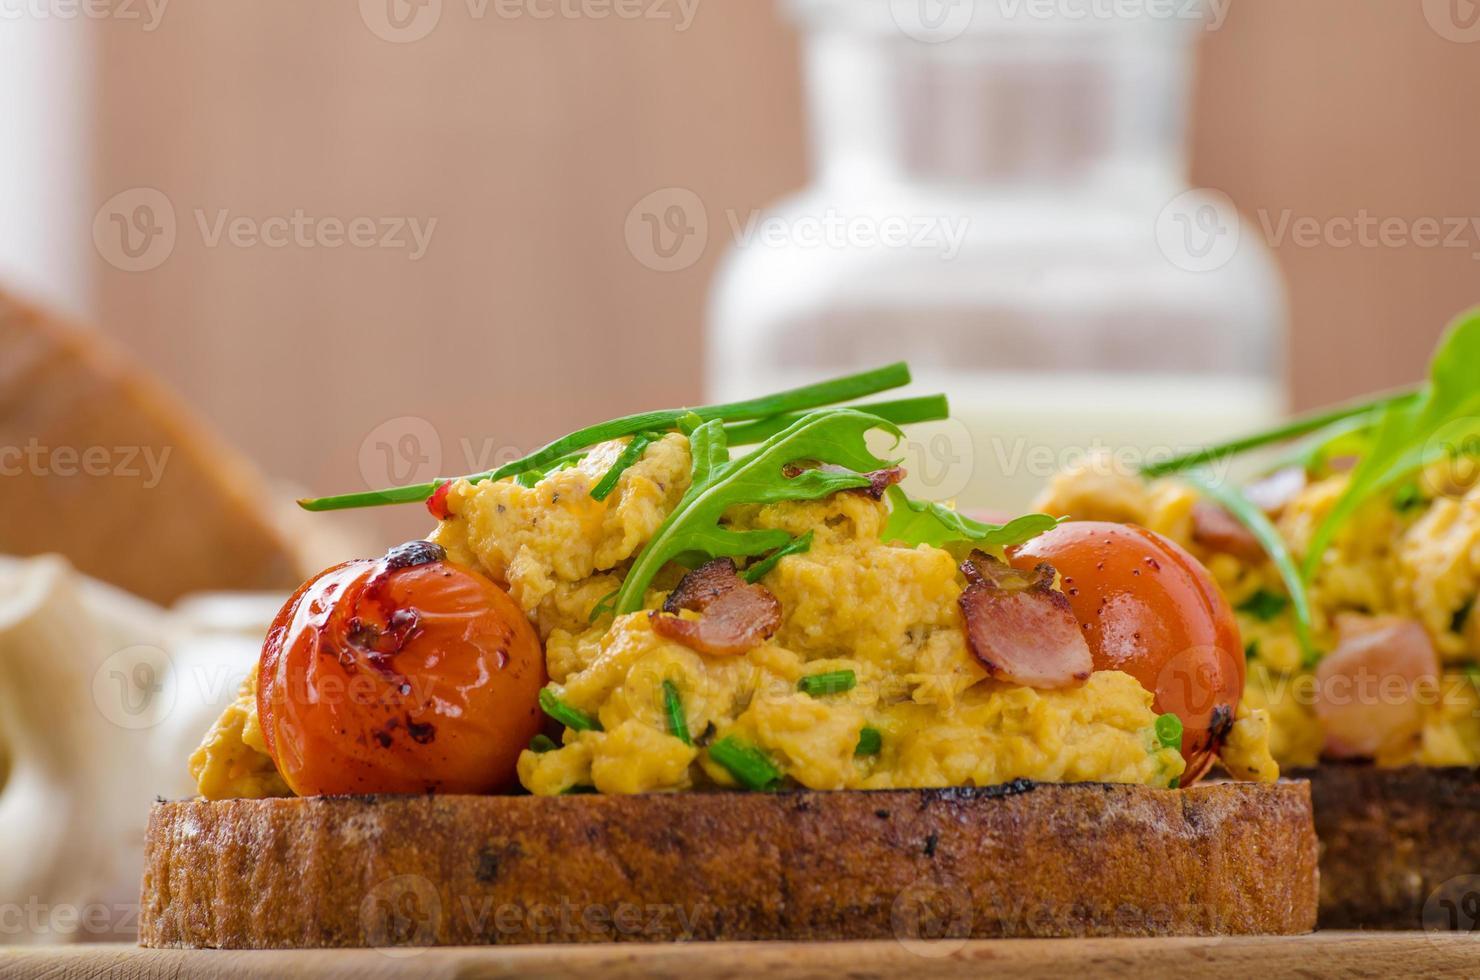 uova strapazzate strega pancetta, erbe e pomodoro foto